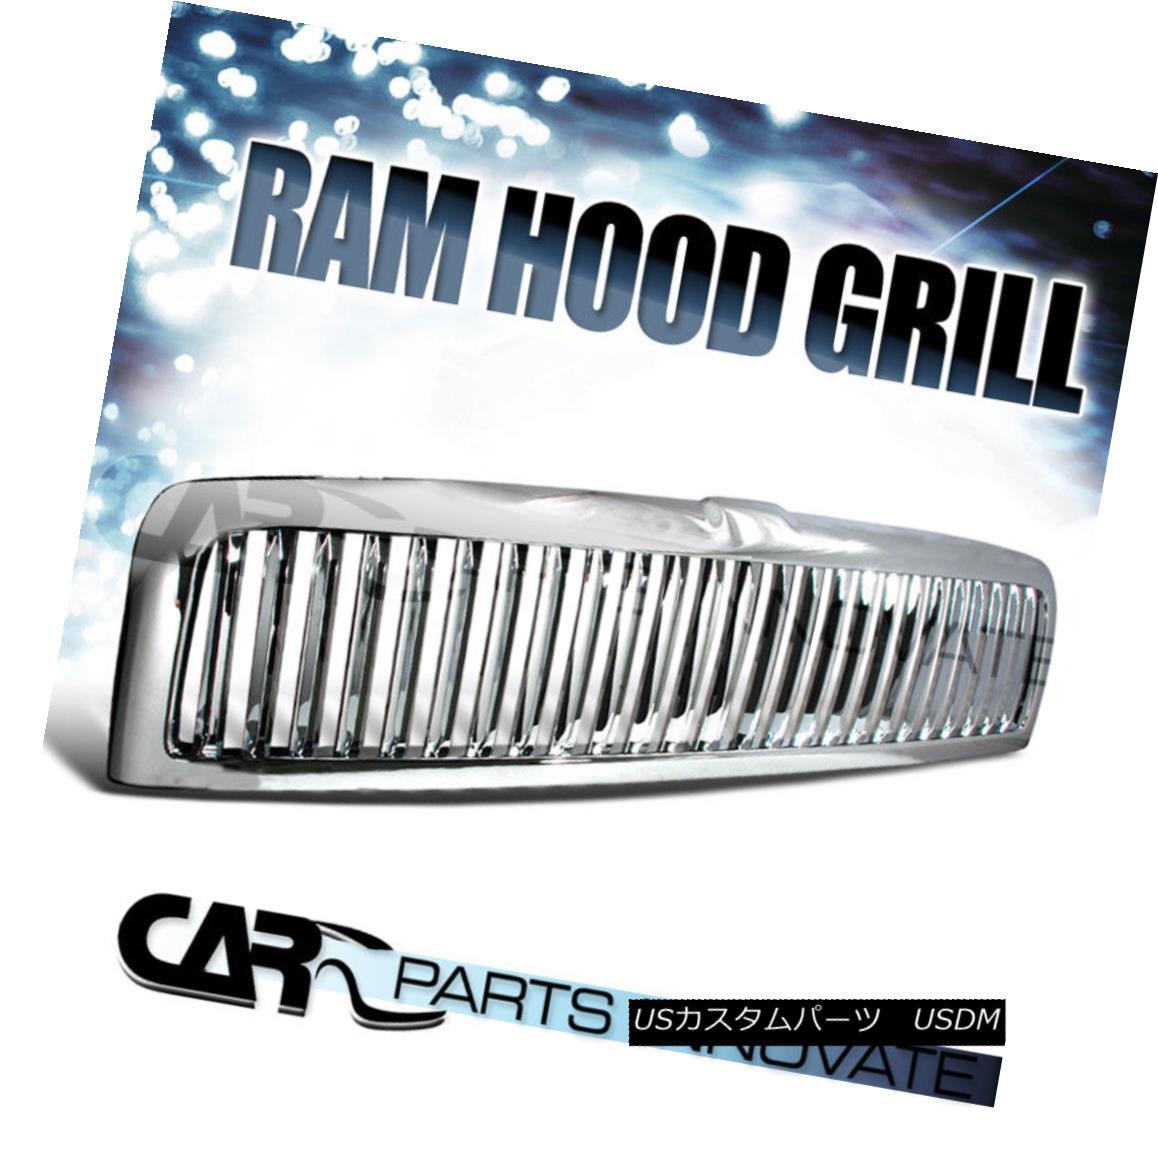 グリル 94-01 Ram 1500 94-02 Ram 2500 3500 Pickup Vertical Chrome Front Hood Grille 94-01 Ram 1500 94-02 Ram 2500 3500ピックアップ垂直クロムフロントフードグリル